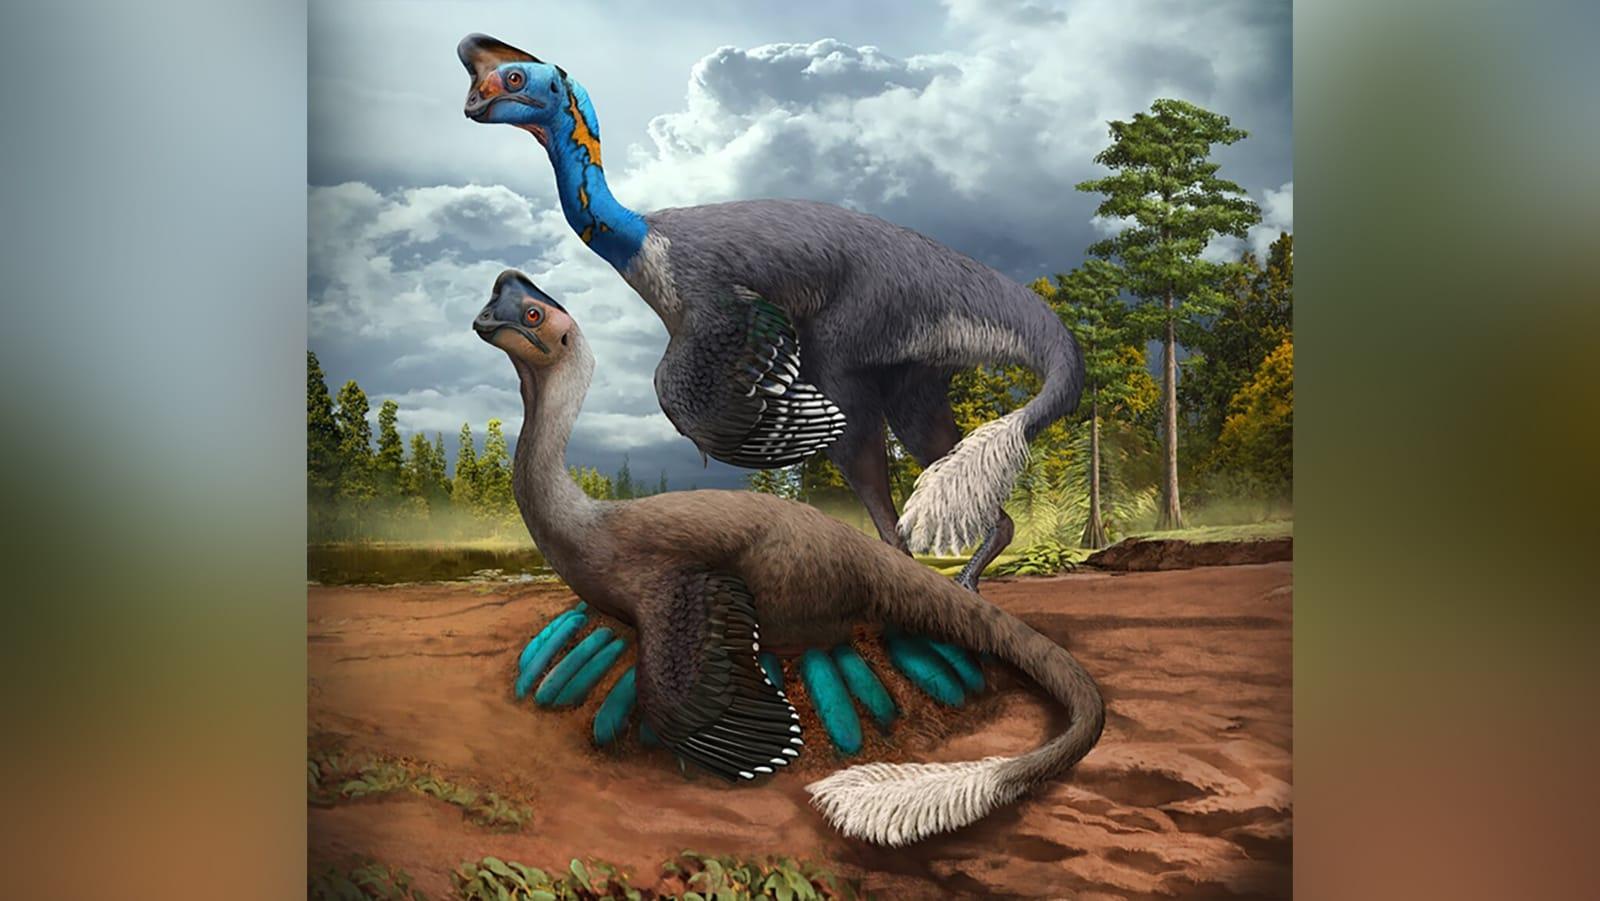 لأول مرة.. اكتشاف باحثون ديناصور محفوظ جالس على عش بيض بأجنة متحجرة